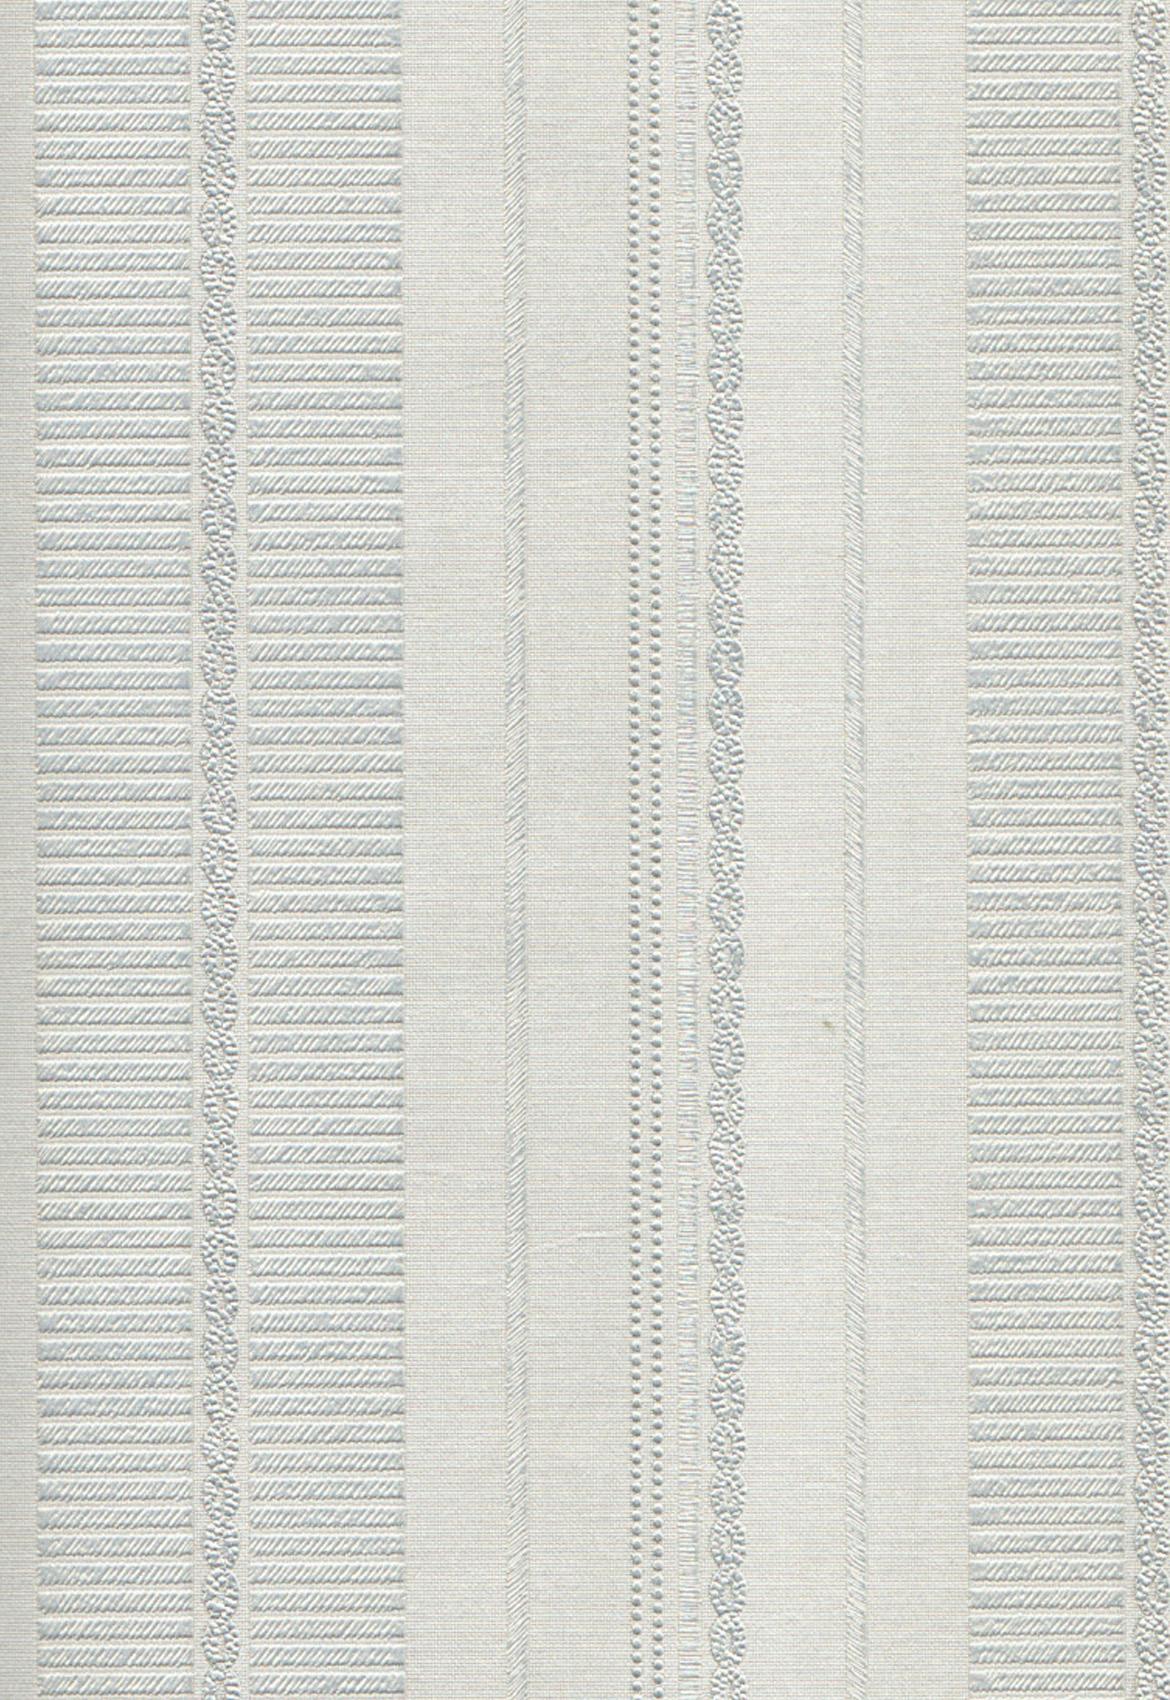 wallpaper   Wallpaper Garis 4004-1:4004-1 corak  warna